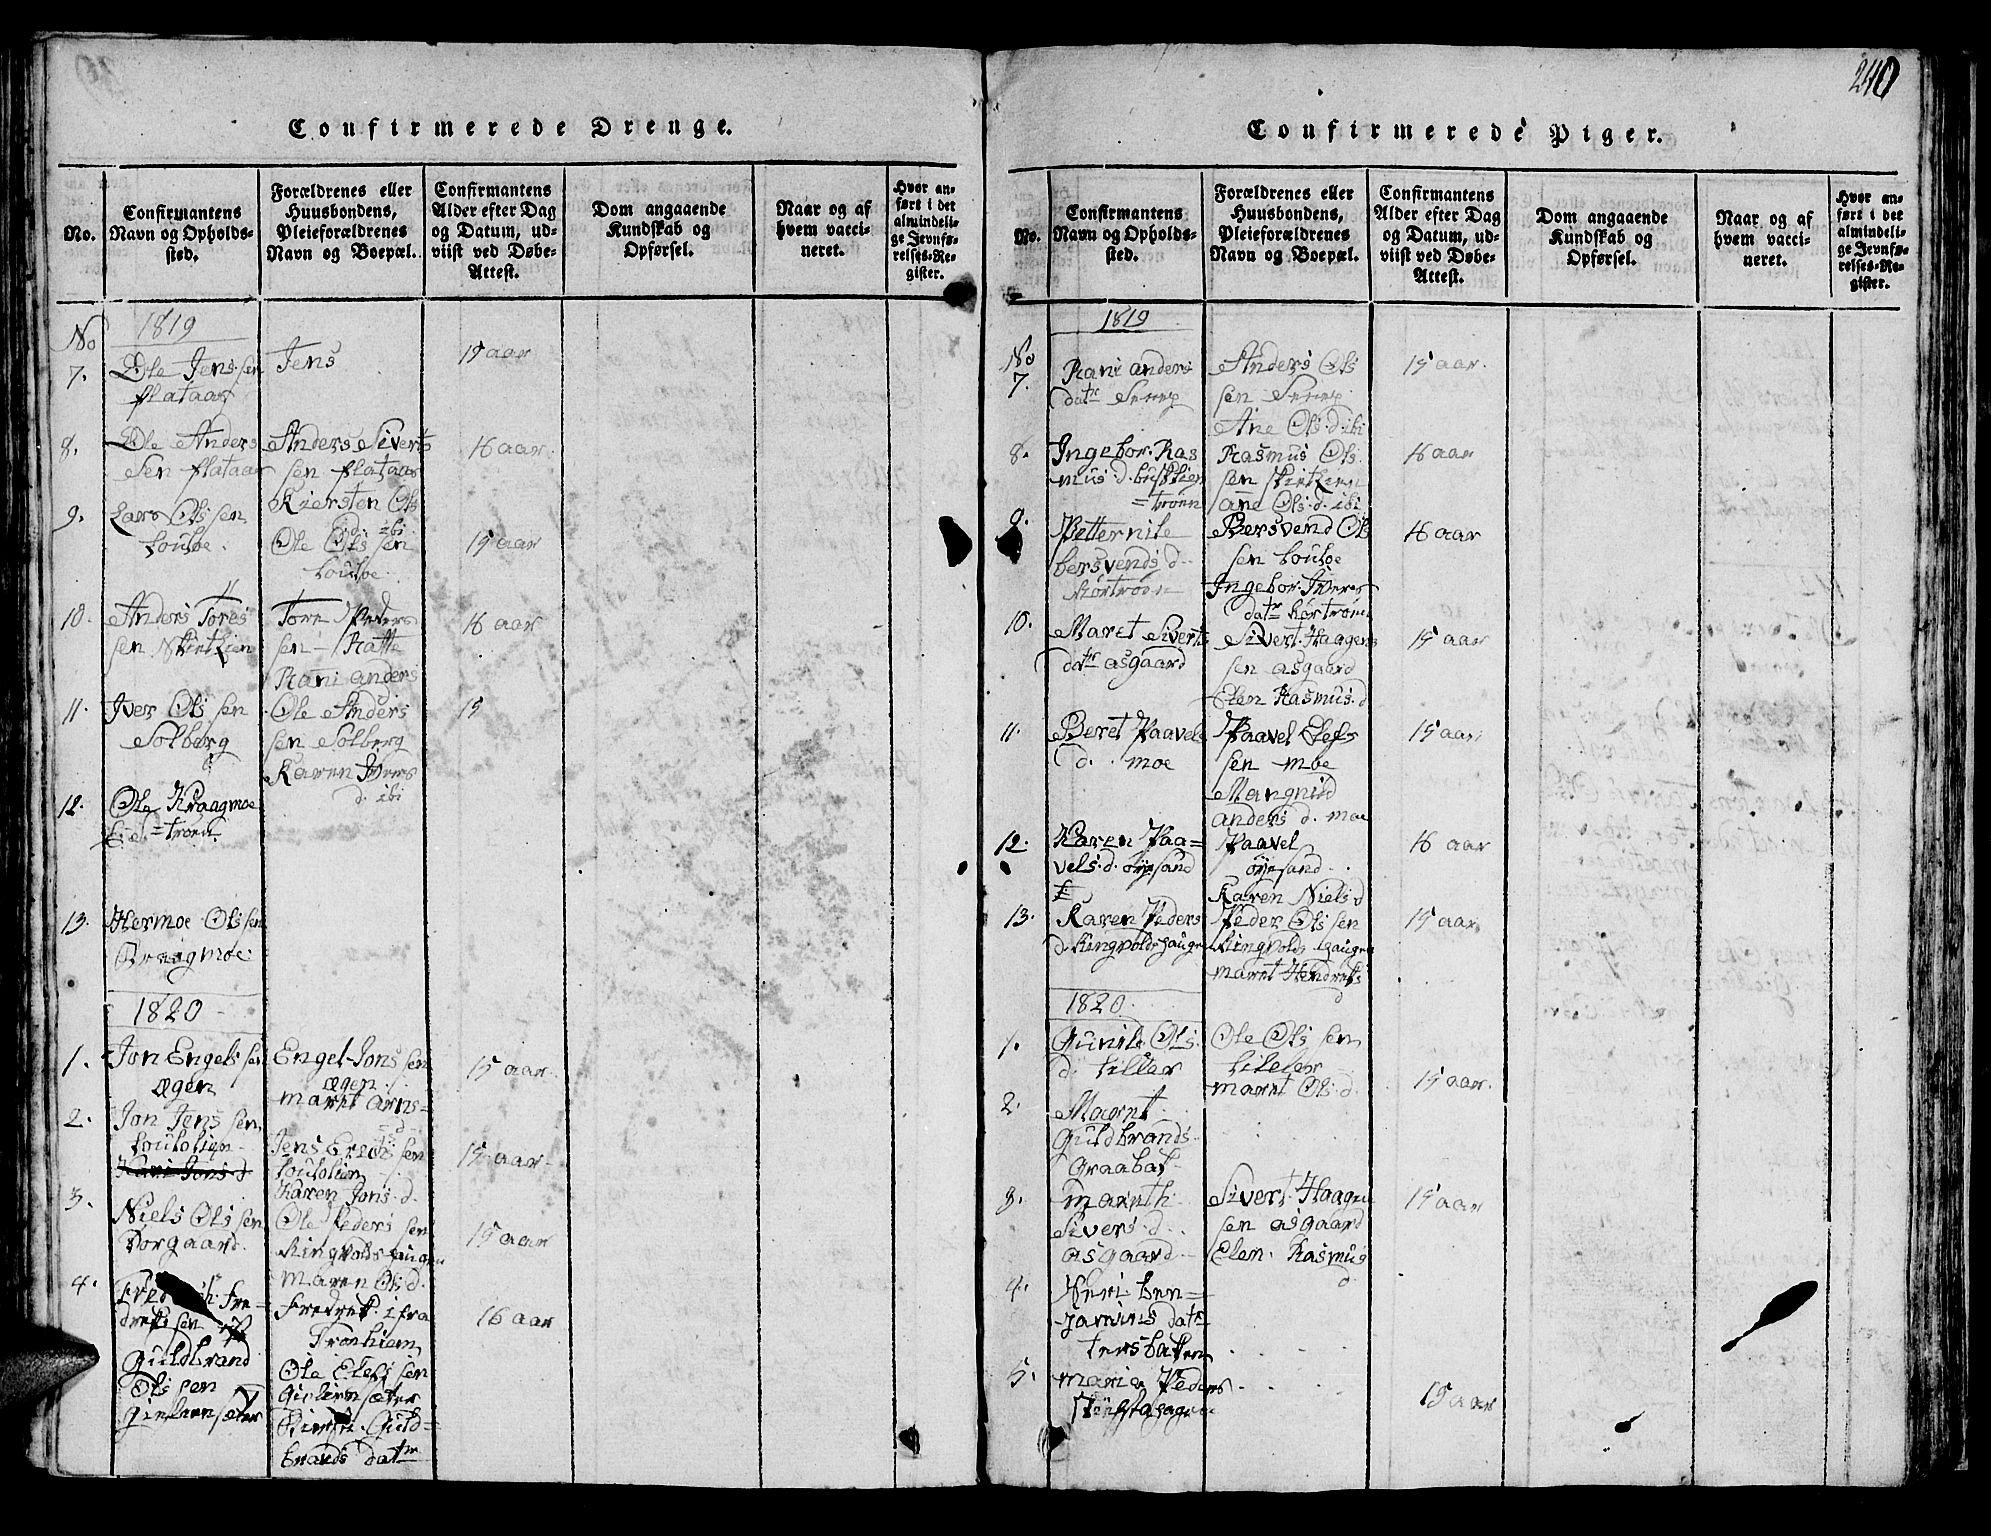 SAT, Ministerialprotokoller, klokkerbøker og fødselsregistre - Sør-Trøndelag, 613/L0393: Klokkerbok nr. 613C01, 1816-1886, s. 240